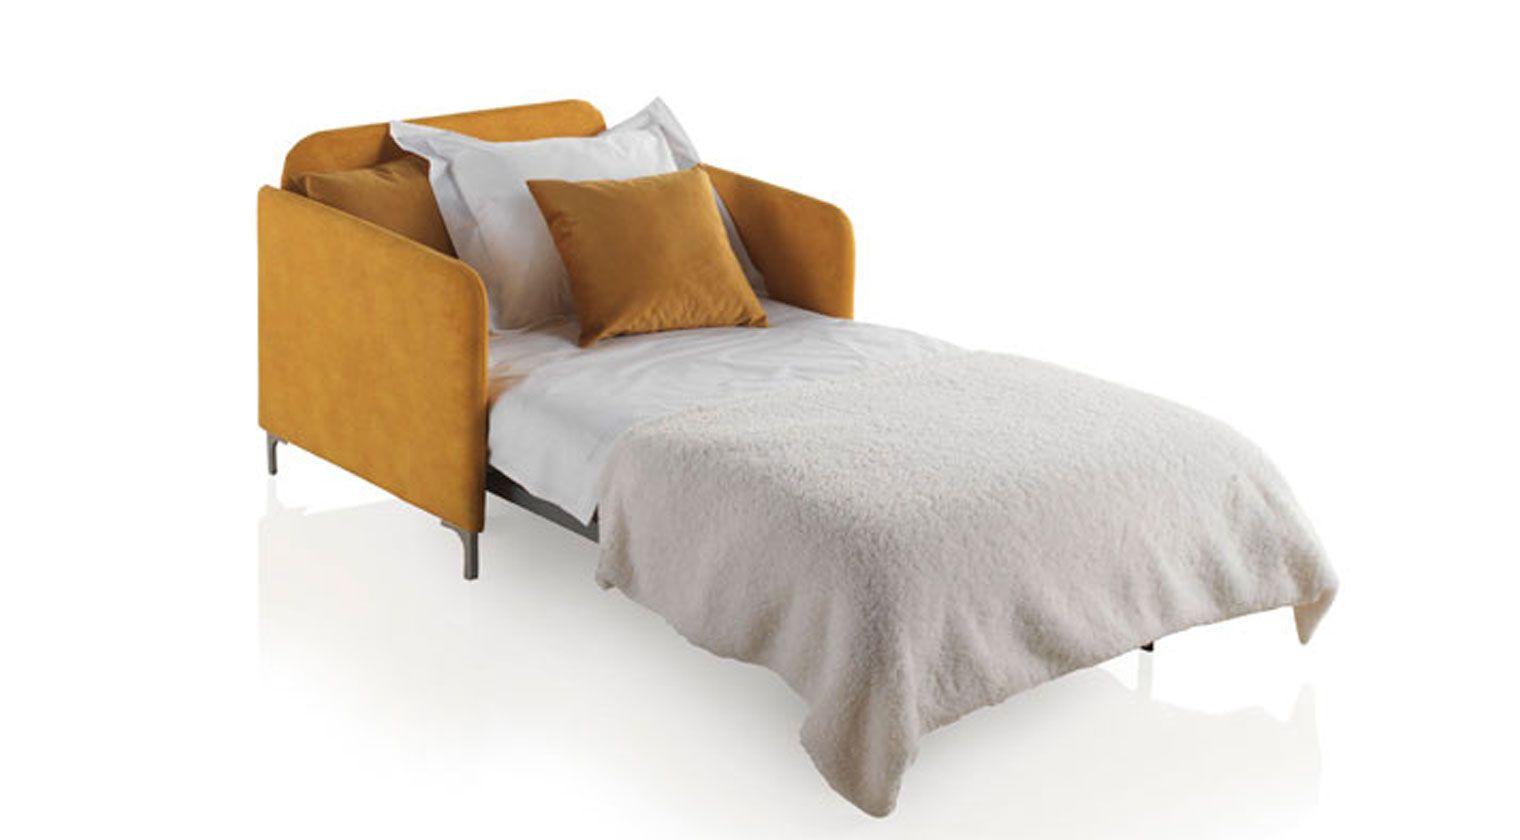 Comprar sof cama nancy 1 plaza cama de 80x190 bonus for Sofa cama nido 1 plaza